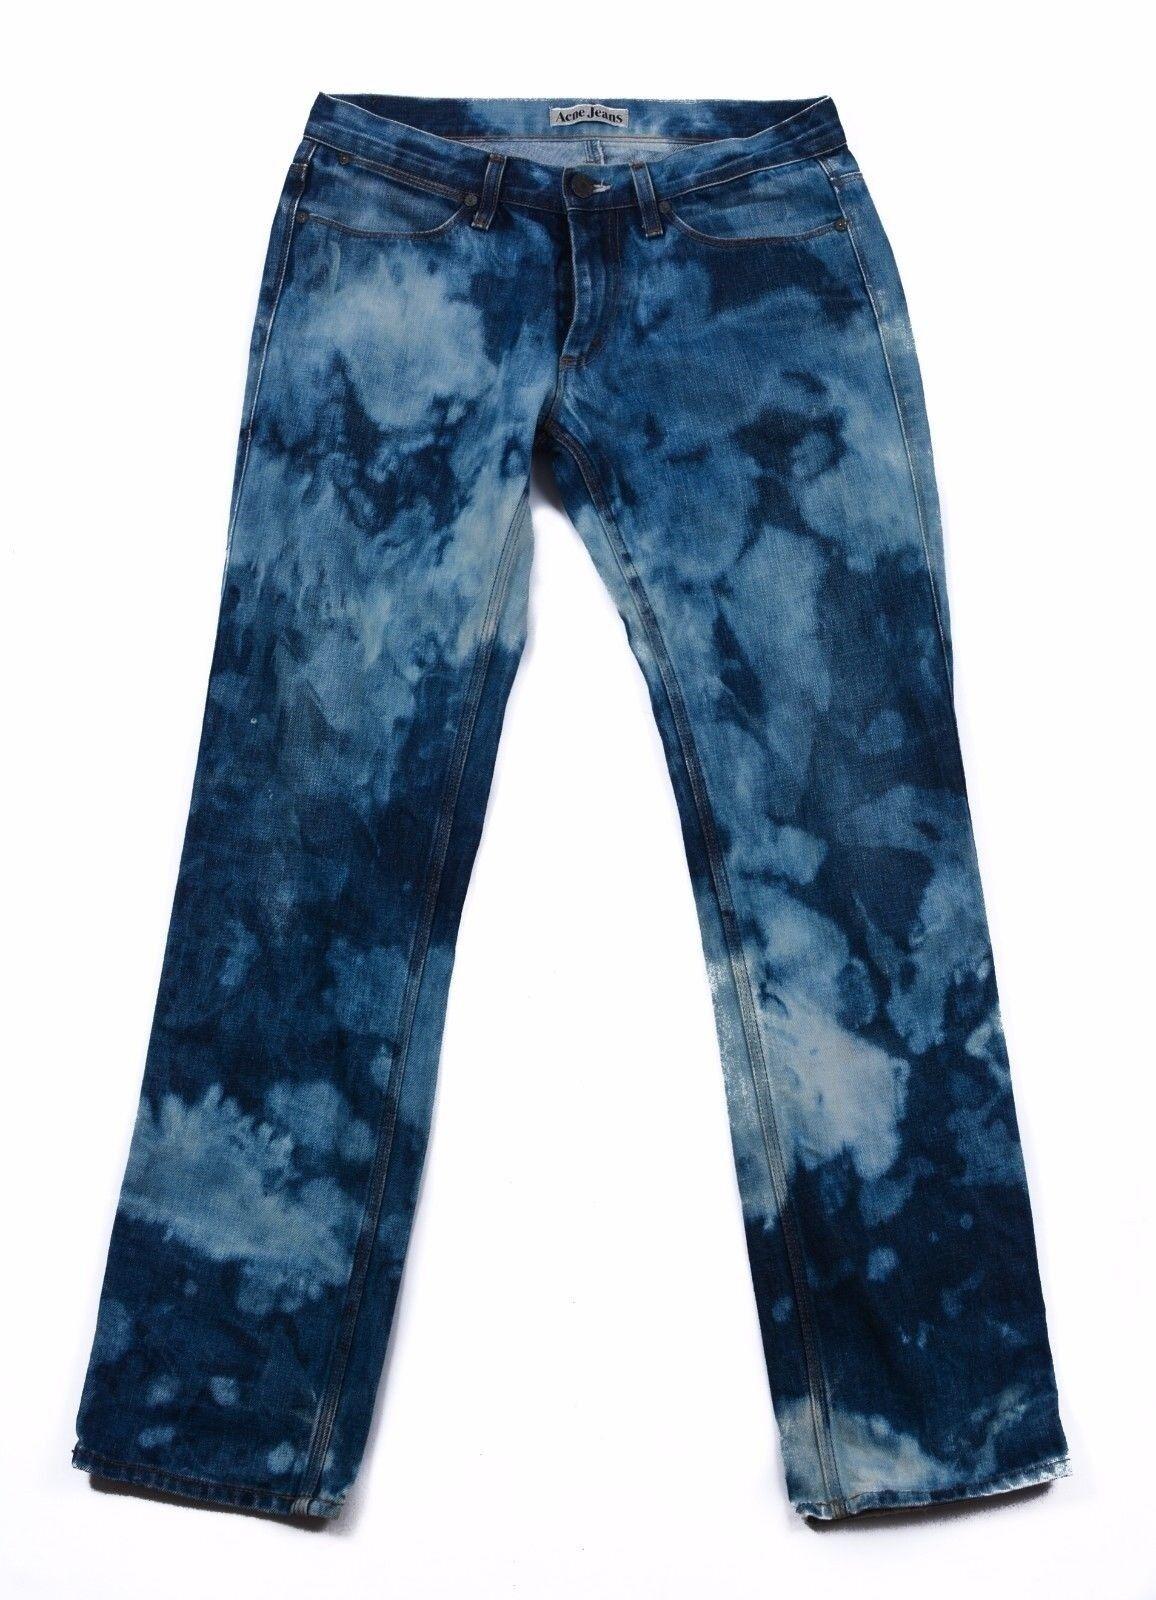 Acne Damen Jeans Größe 31 32 hellblau Rumänien baumwolle reißverschluss vintage